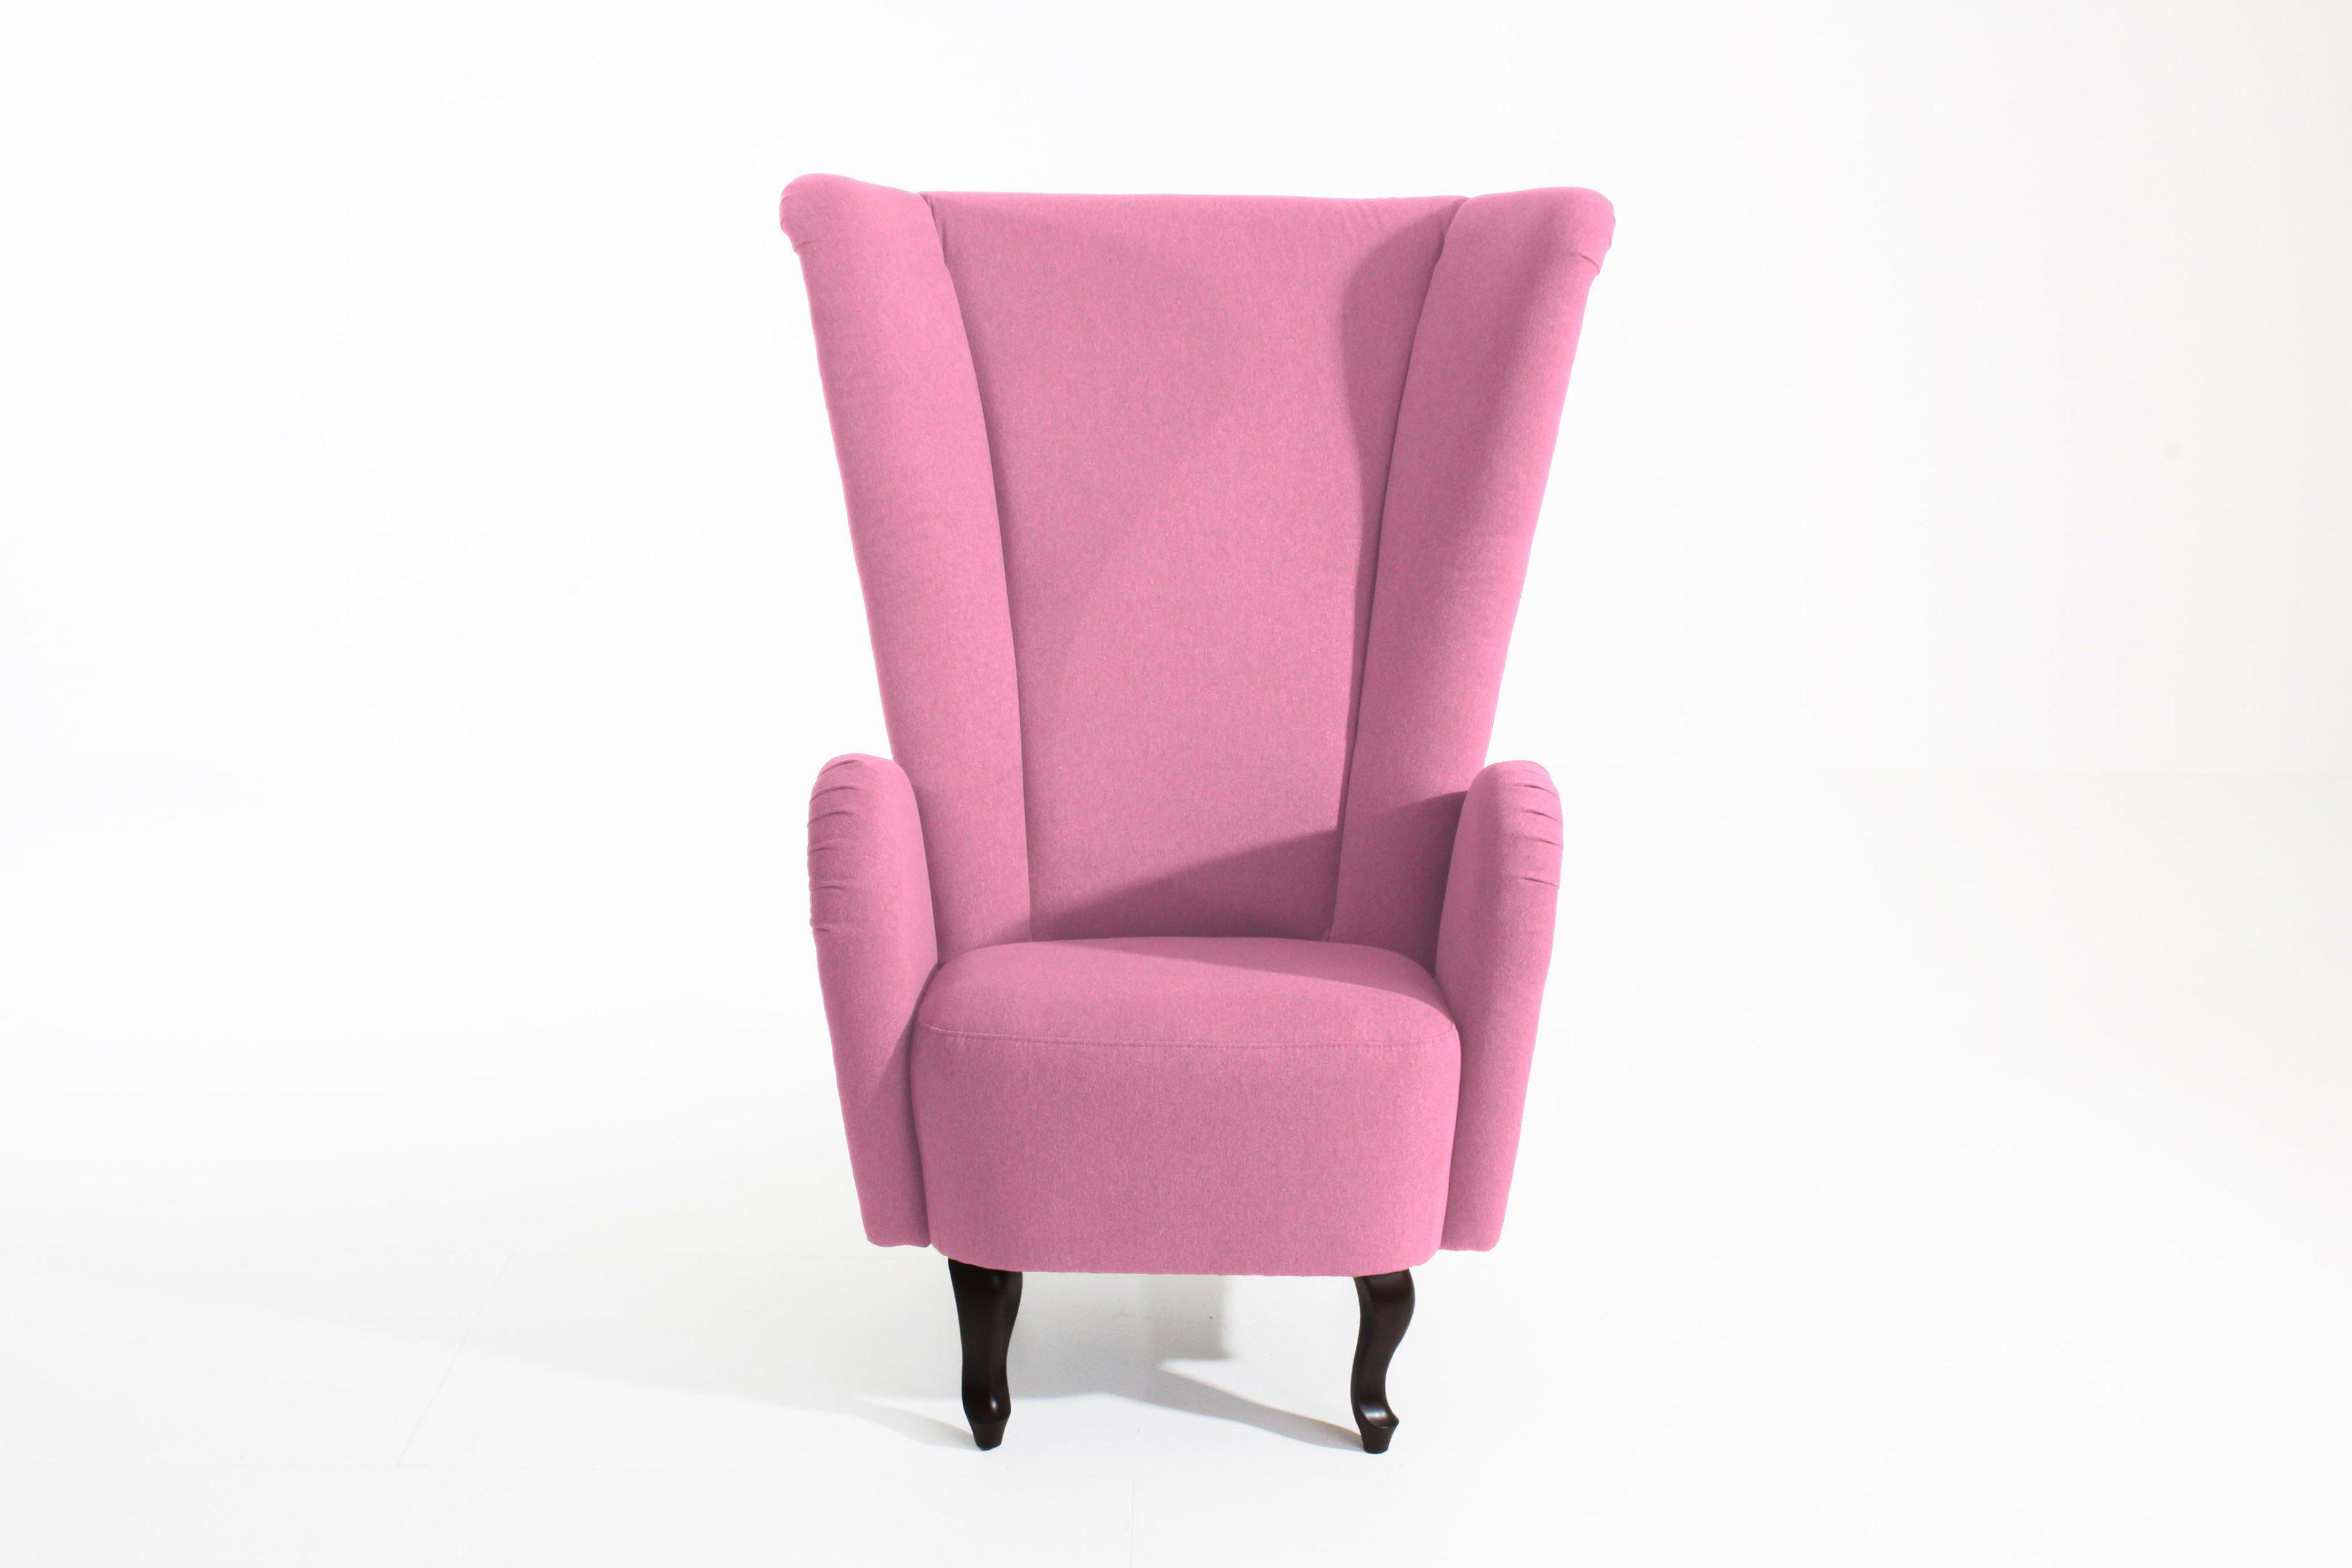 Max winzer aurora sessel in pink m bel letz ihr online for 0hren sessel